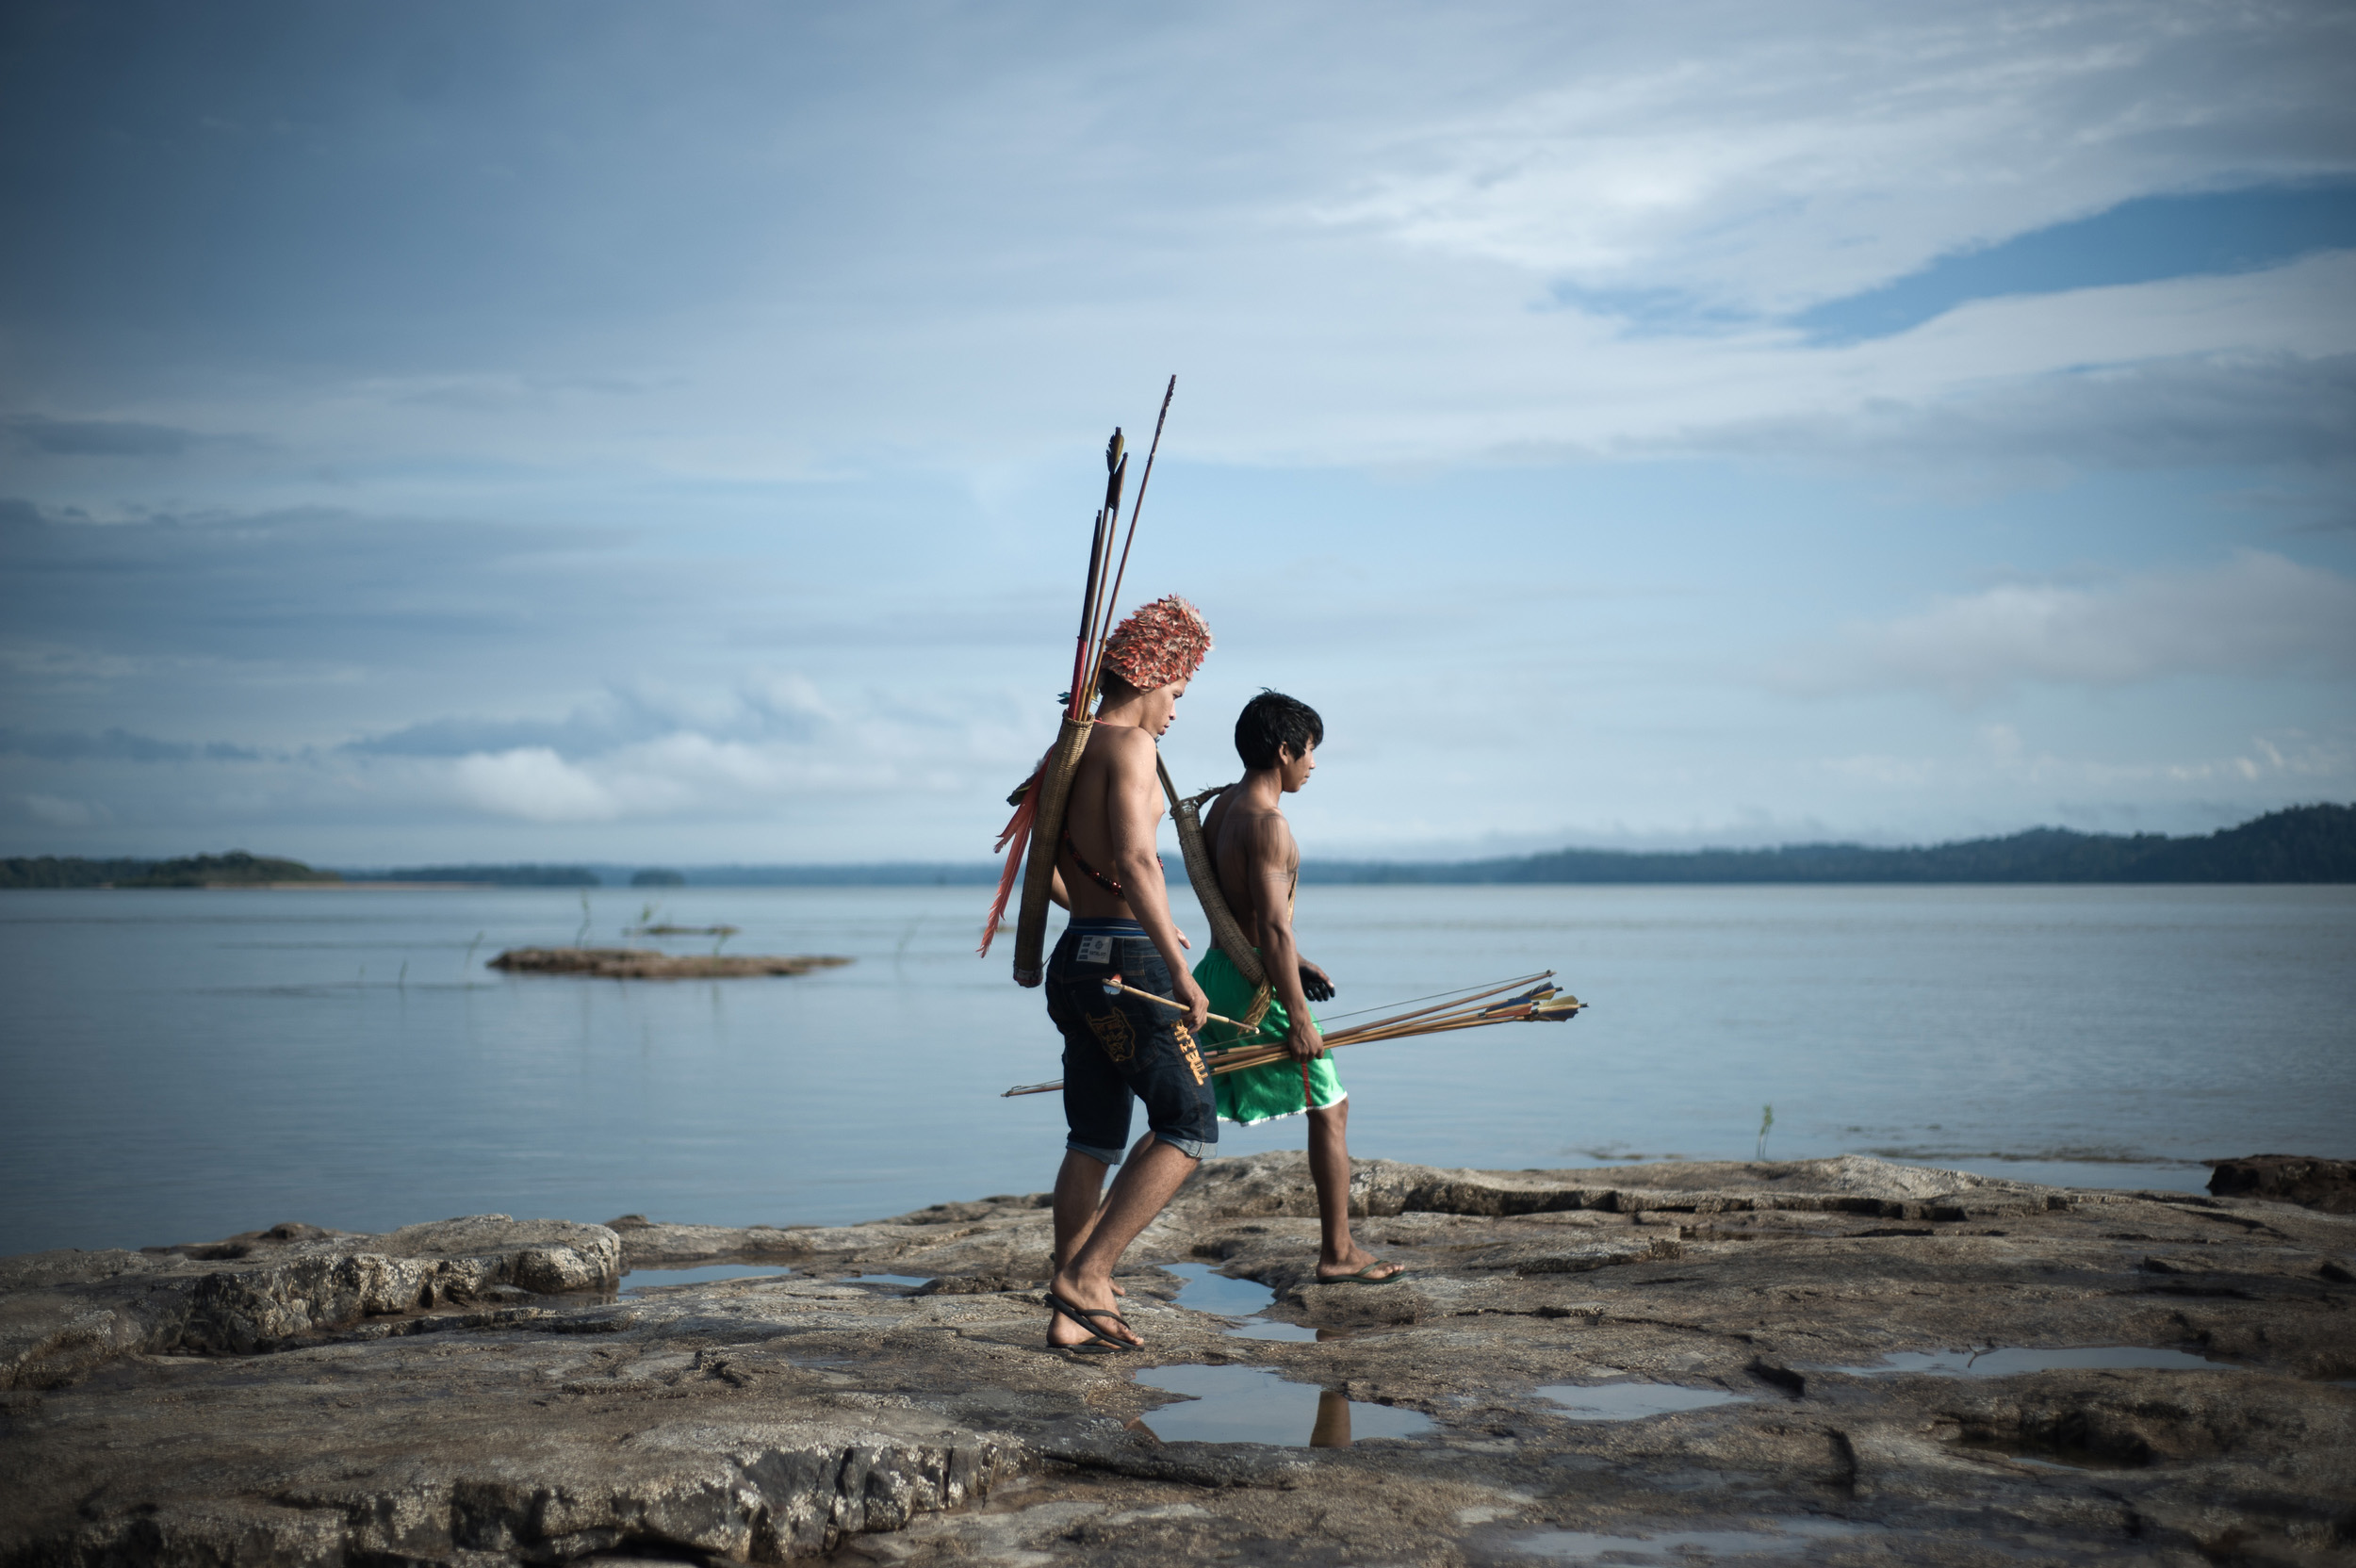 Índios da etnia Munduruku serão afetados pelas obras das hidrelétricas do Tapajós (Foto: Anderson Barbosa/Greenpeace)